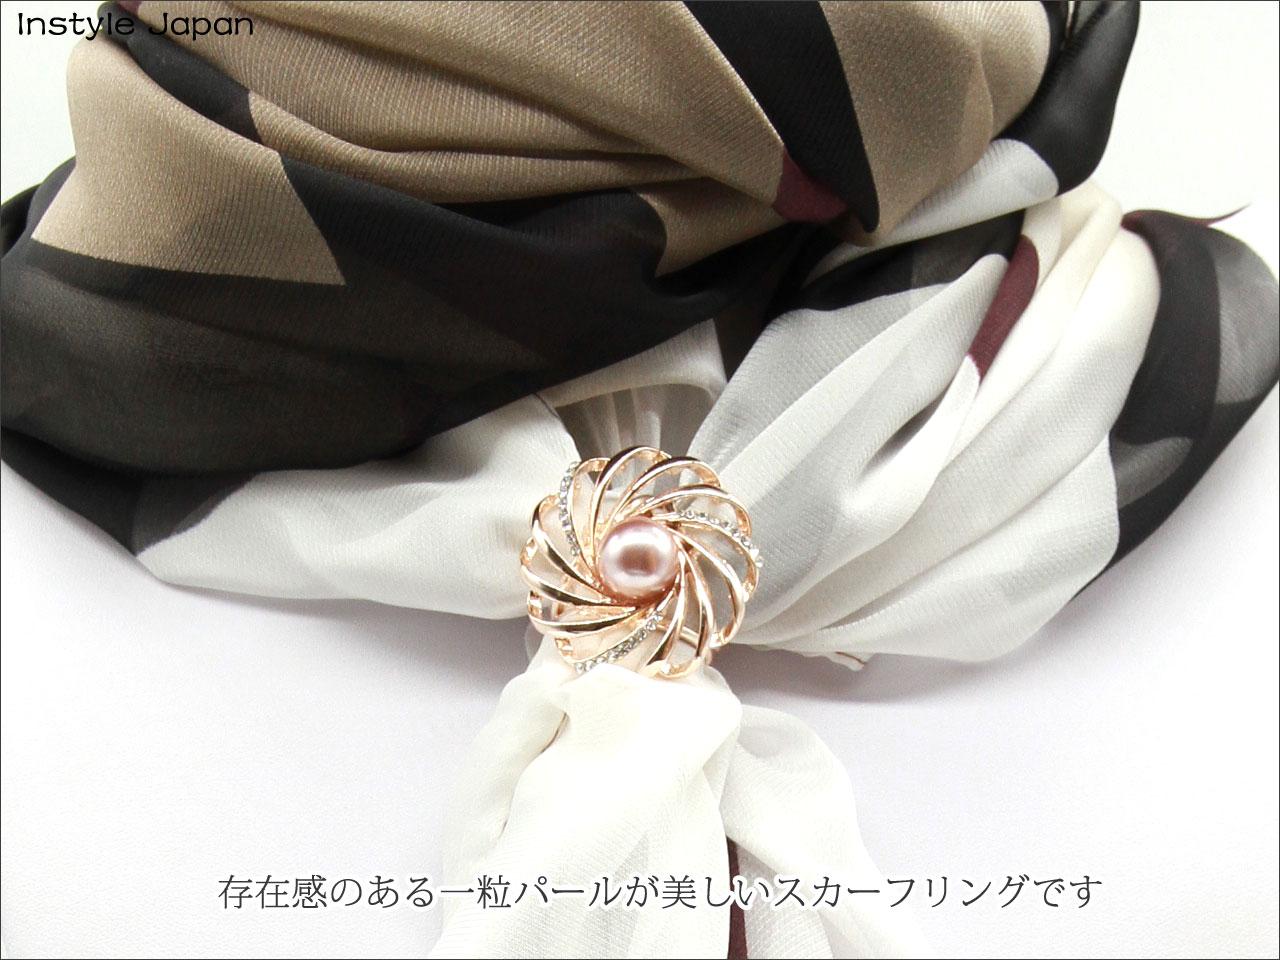 アクセサリー スカーフ リング一粒 パール真珠 トリプル ストール アレンジ 母の日におすすめ 卒業式 入学式 結婚式 激安 セール